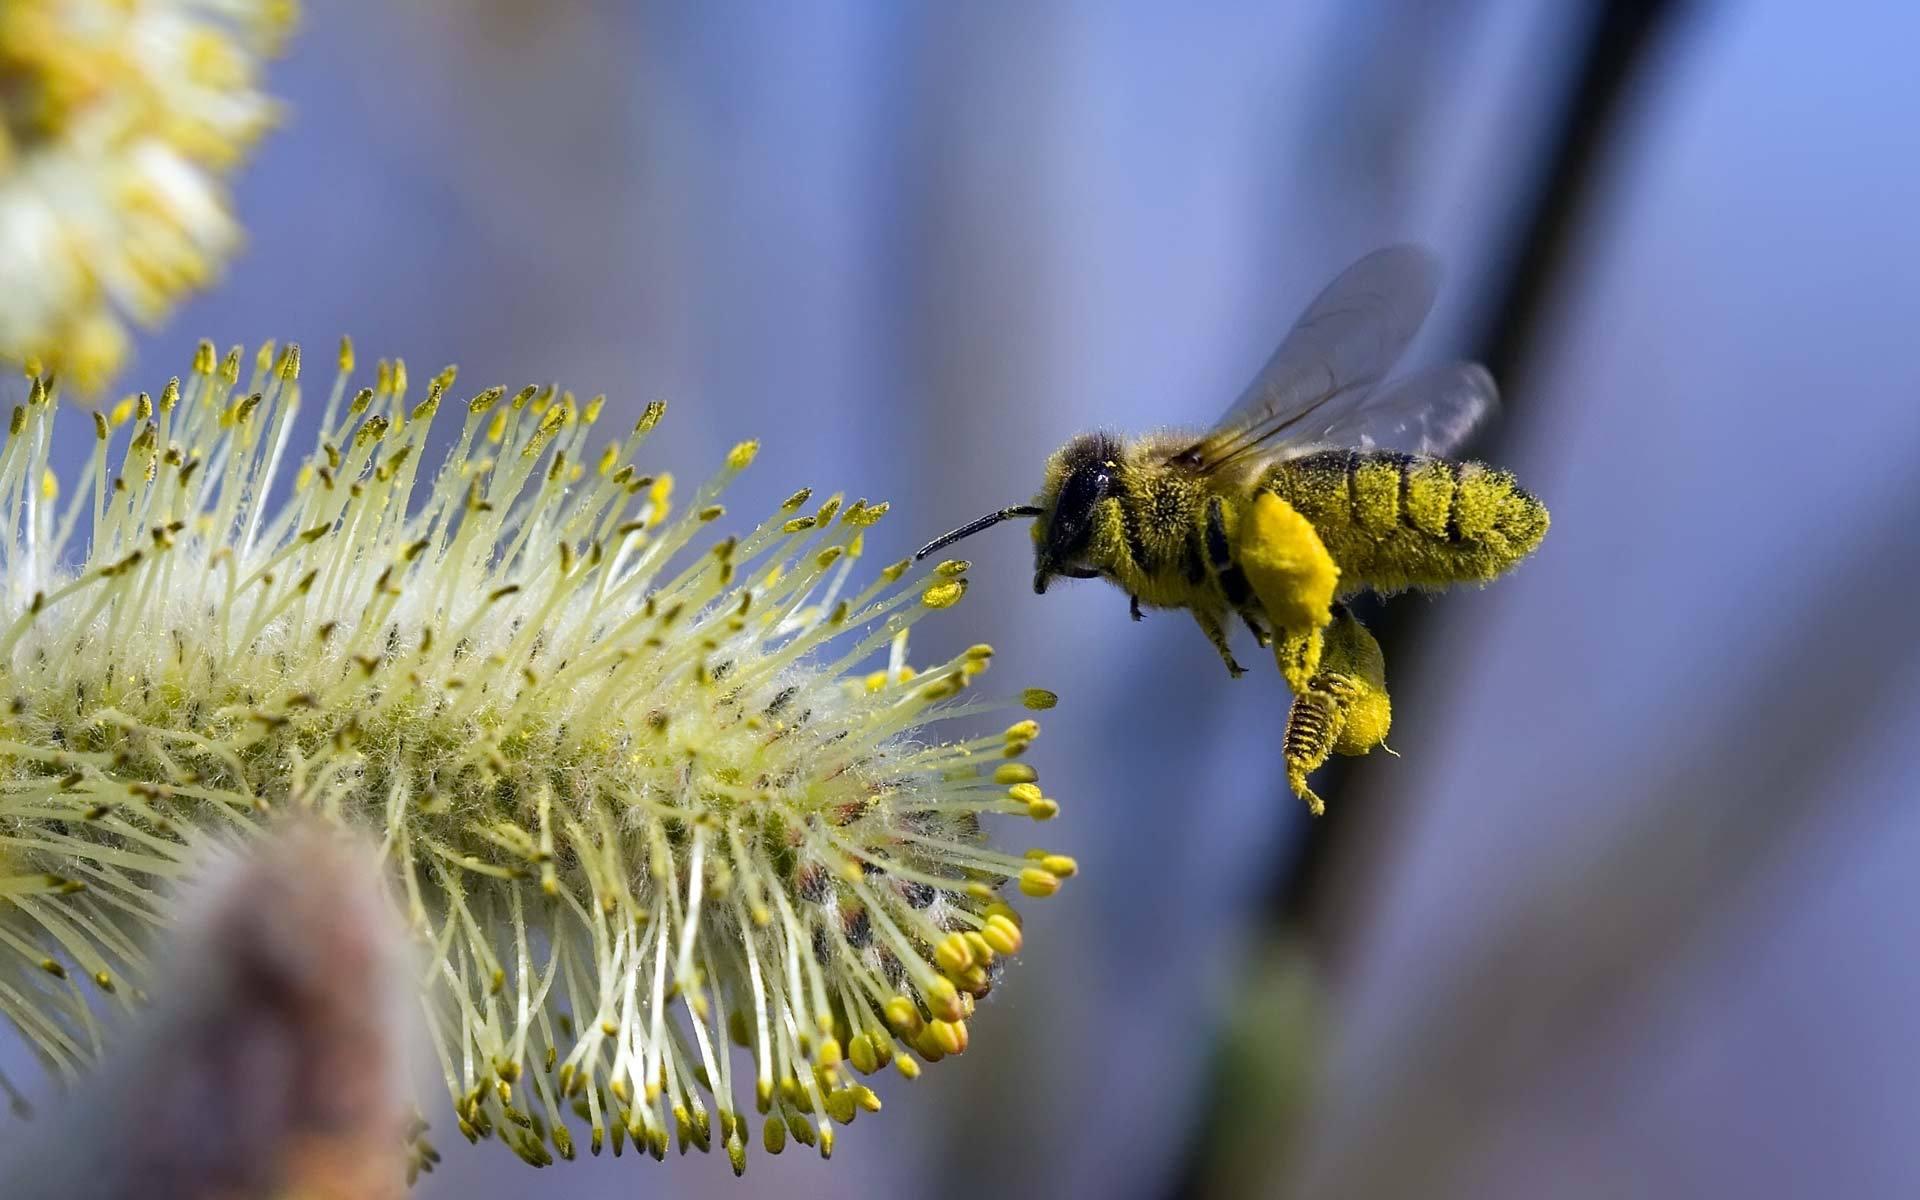 макро одуванчик животное насекомое пчела цветы природа бесплатно